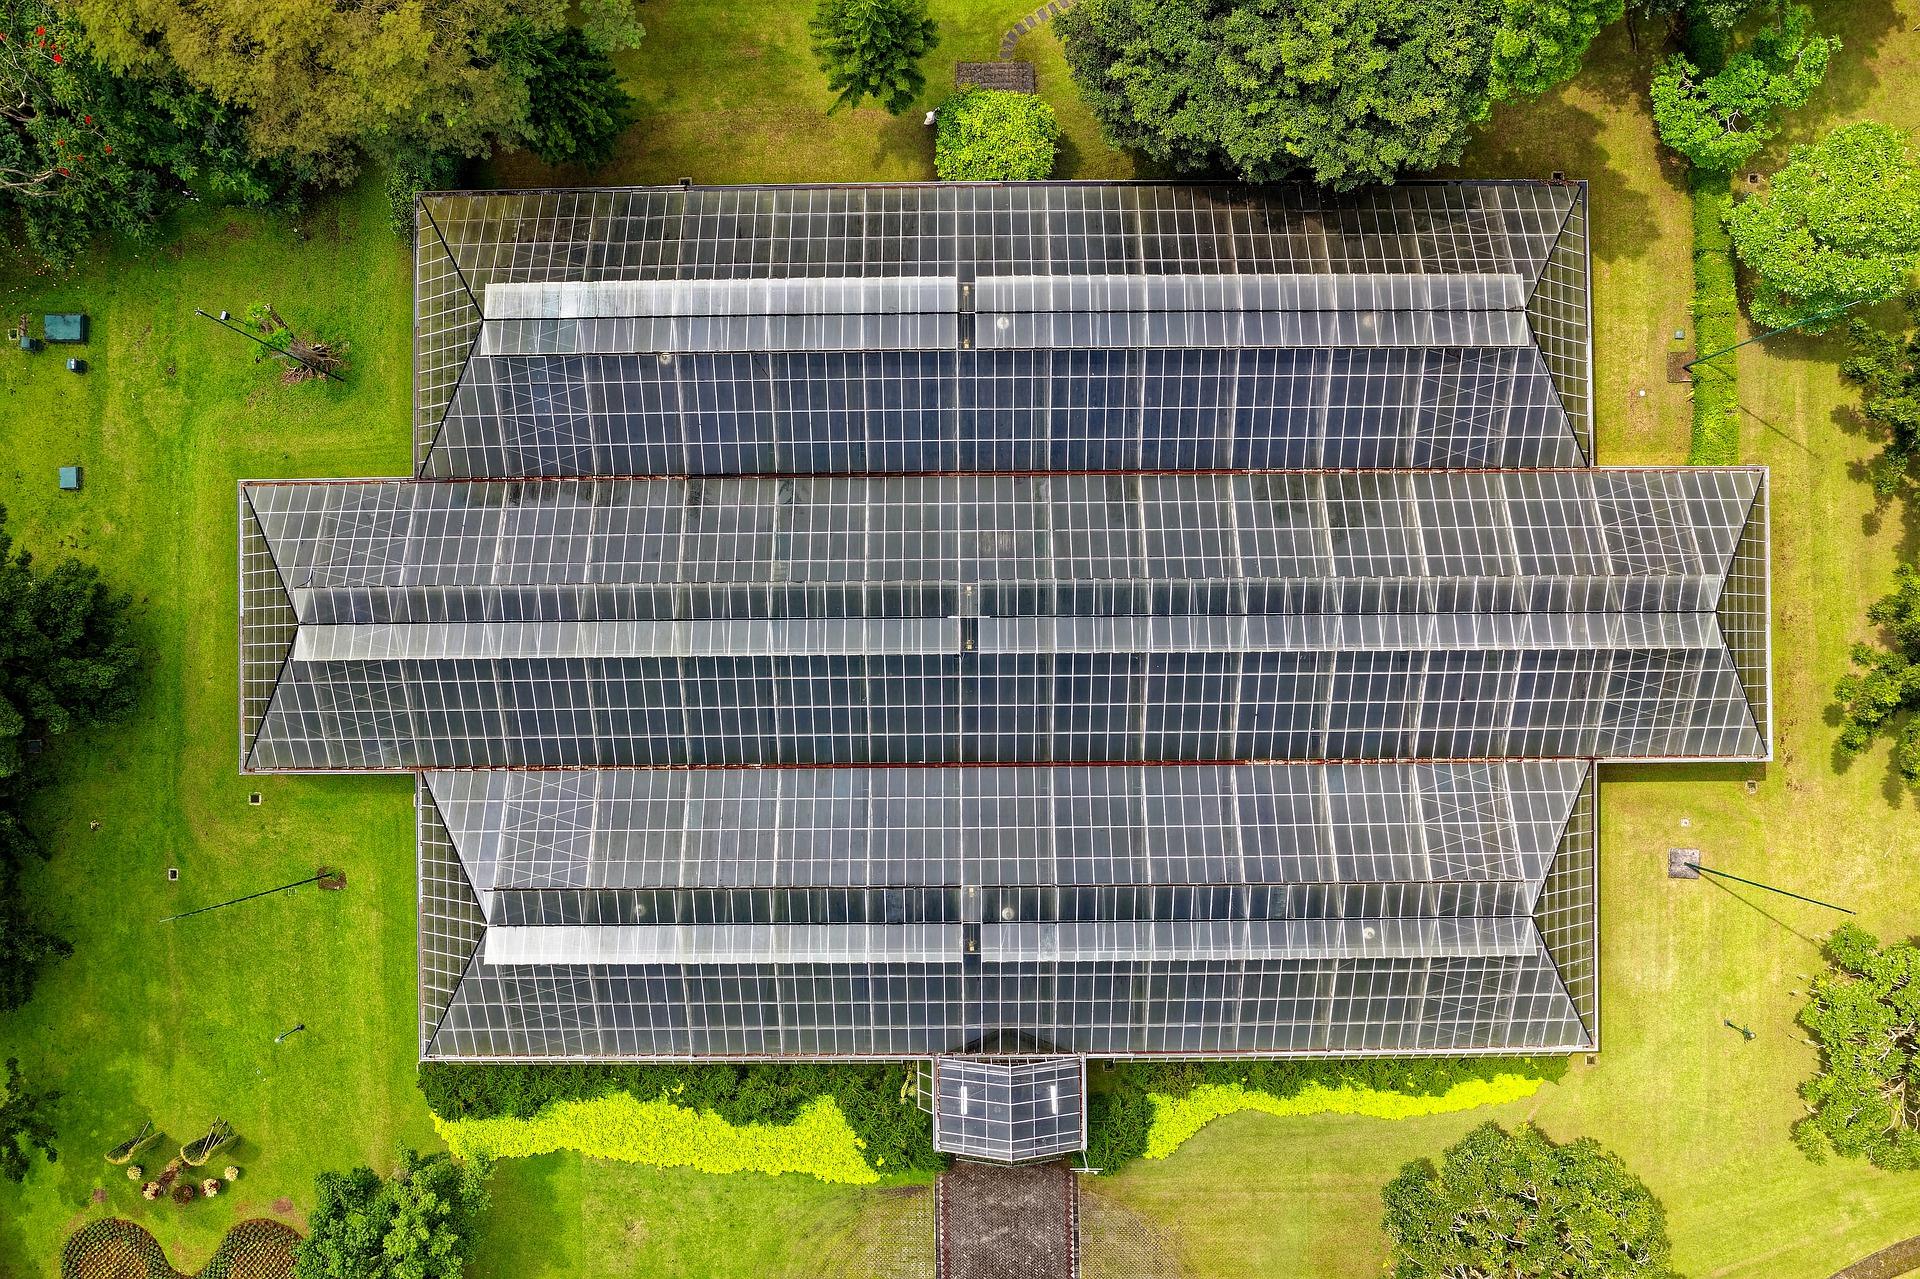 営農型発電システム